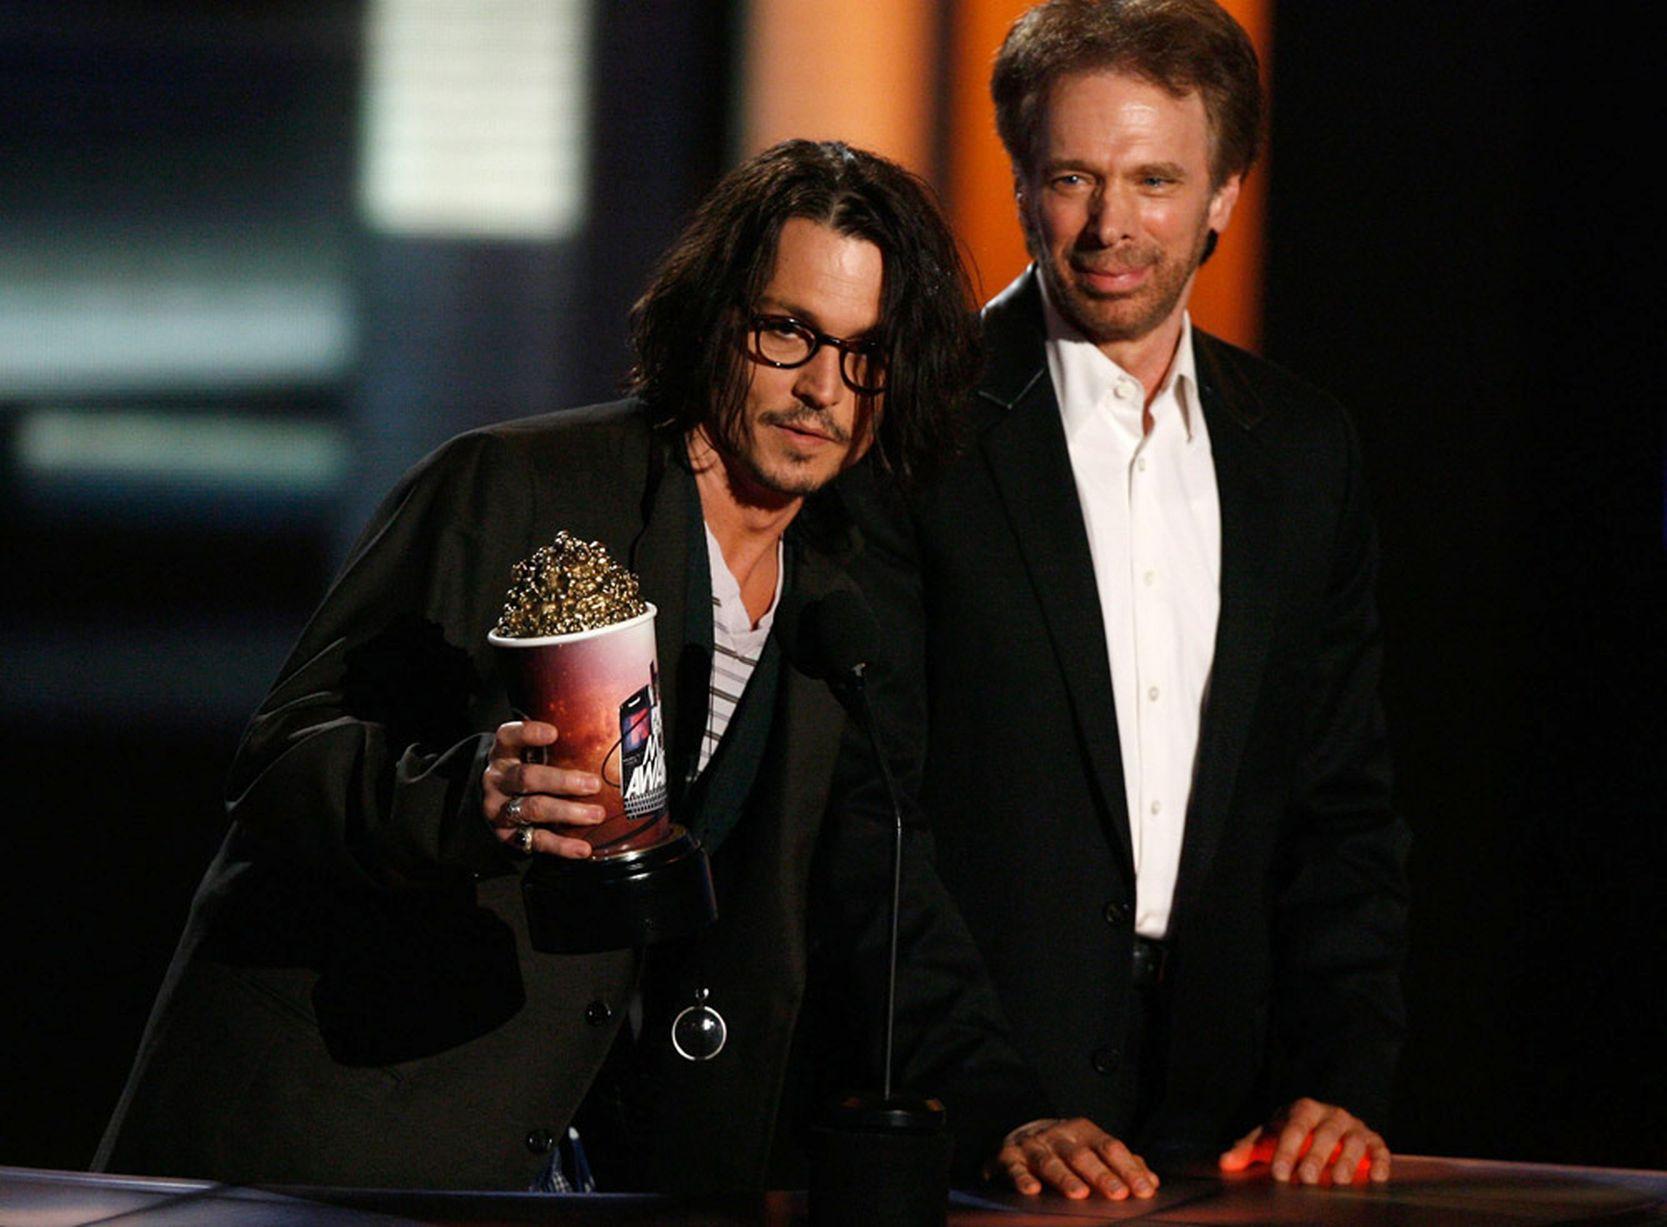 Johnny-Depp-MTV-awards-2007